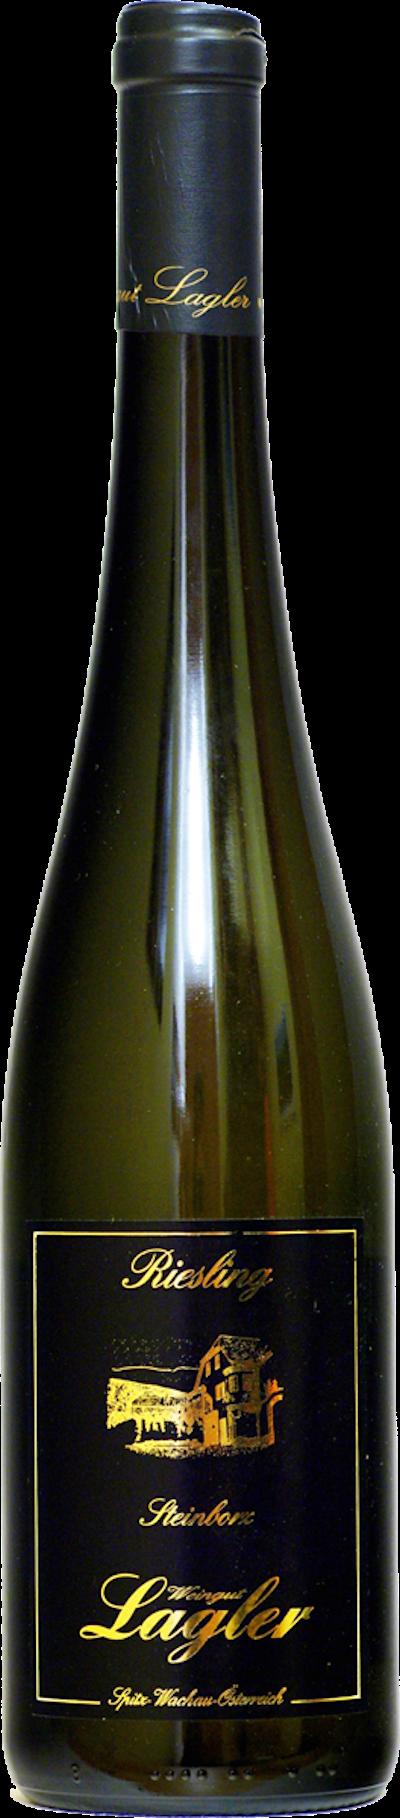 Lagler - Riesling Smaragd Steinporz